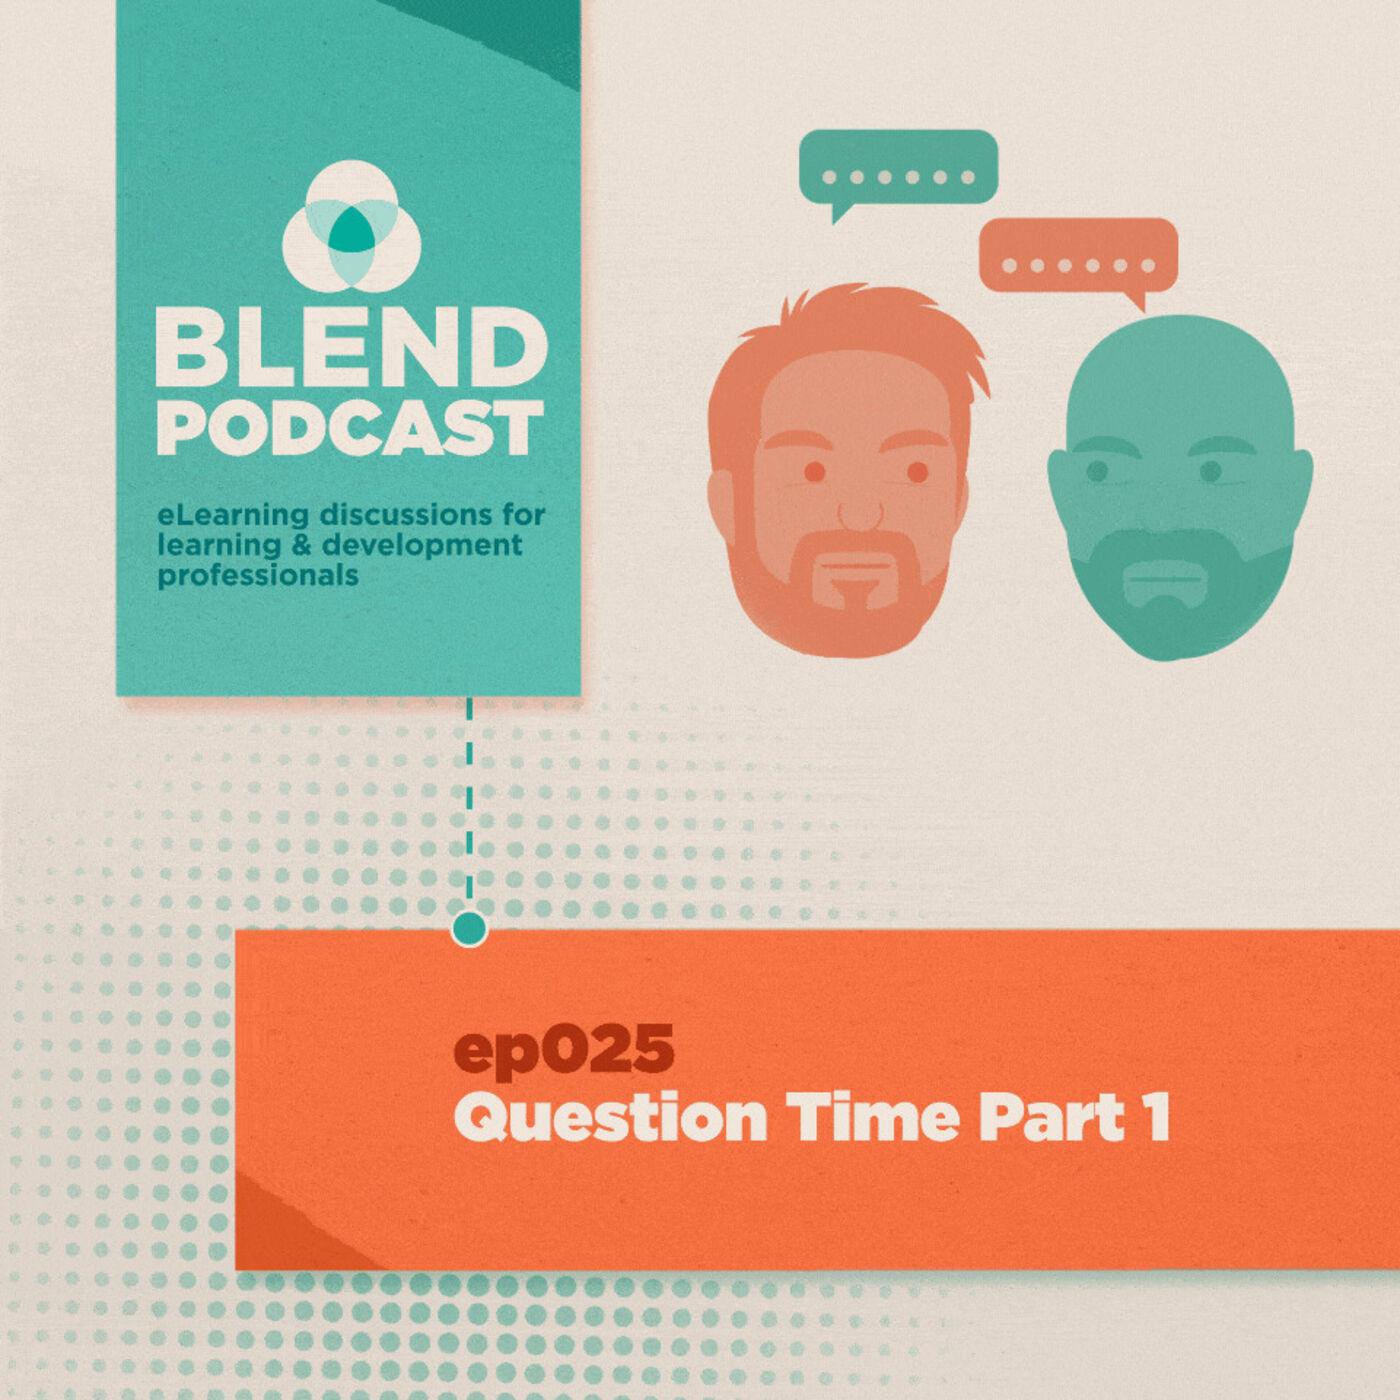 #25 Blend Question Time Part 1